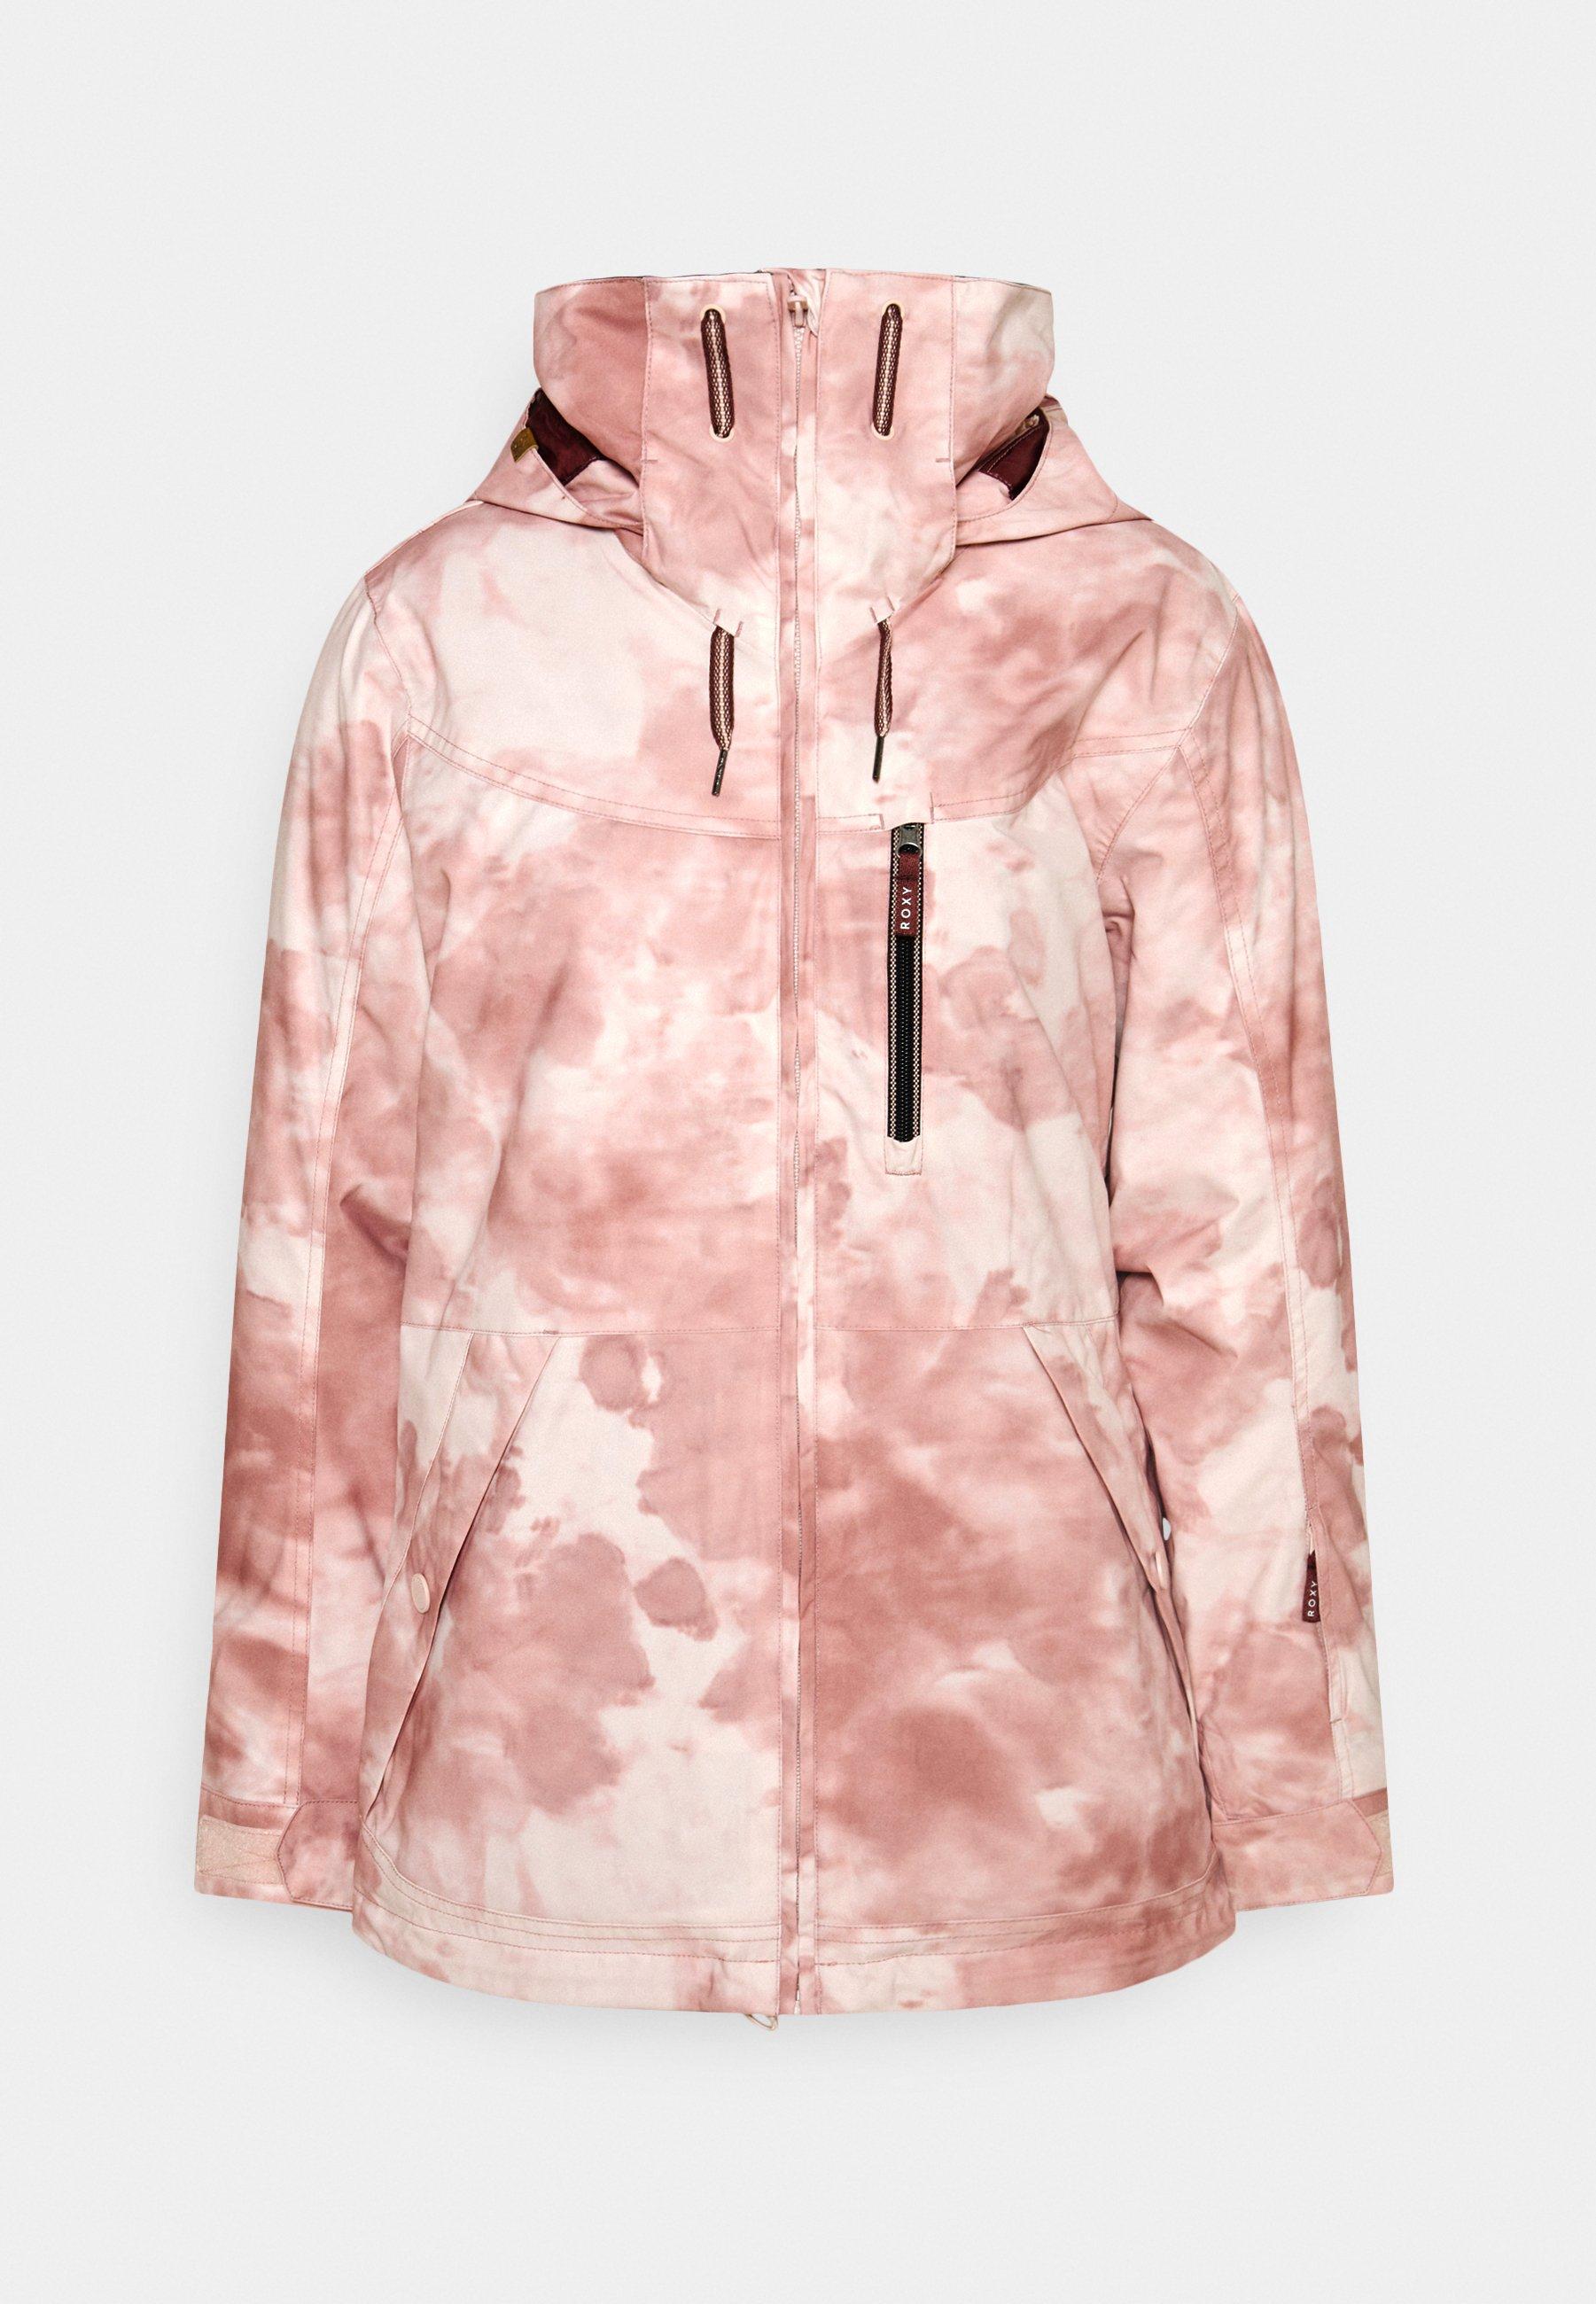 Kurtka narciarska ROXY Presence w kolorze różowo-srebrnym XS-XL @Limango